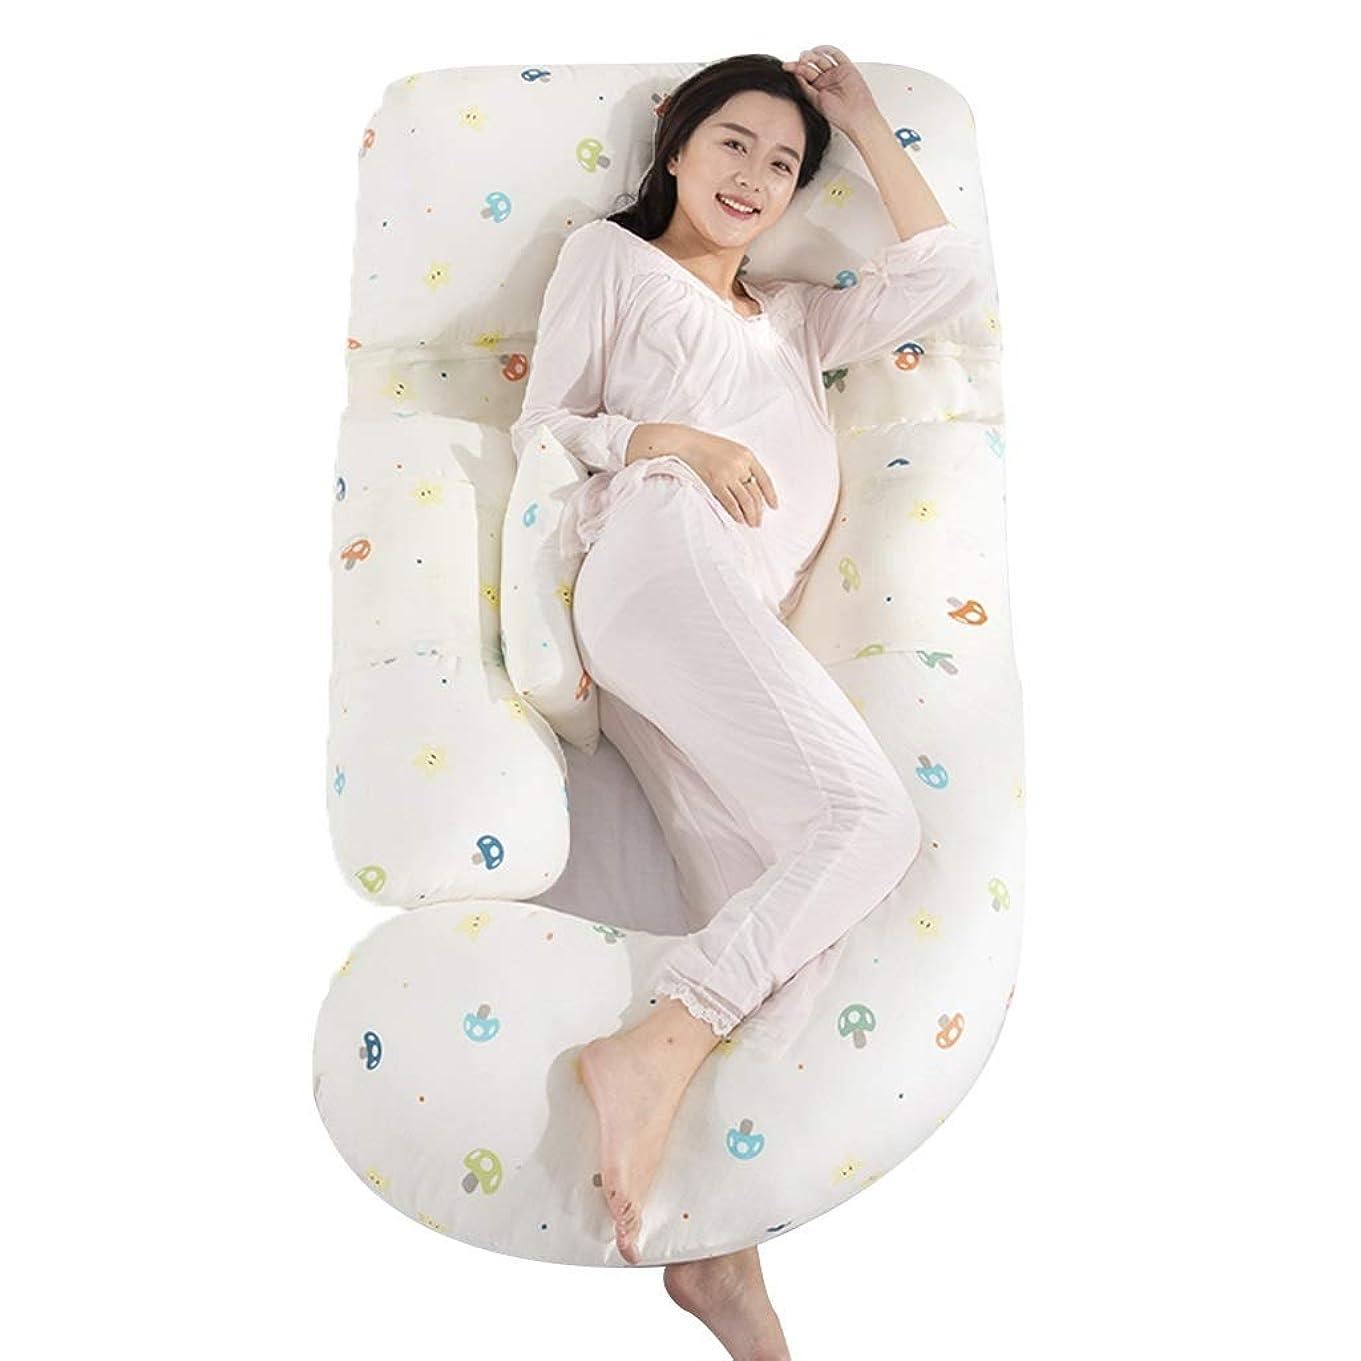 素朴な引き潮繊毛妊婦枕子供用フェンス腰側寝枕産後母乳枕U字型枕お腹サポート枕クッション寝具 (Color : White b)